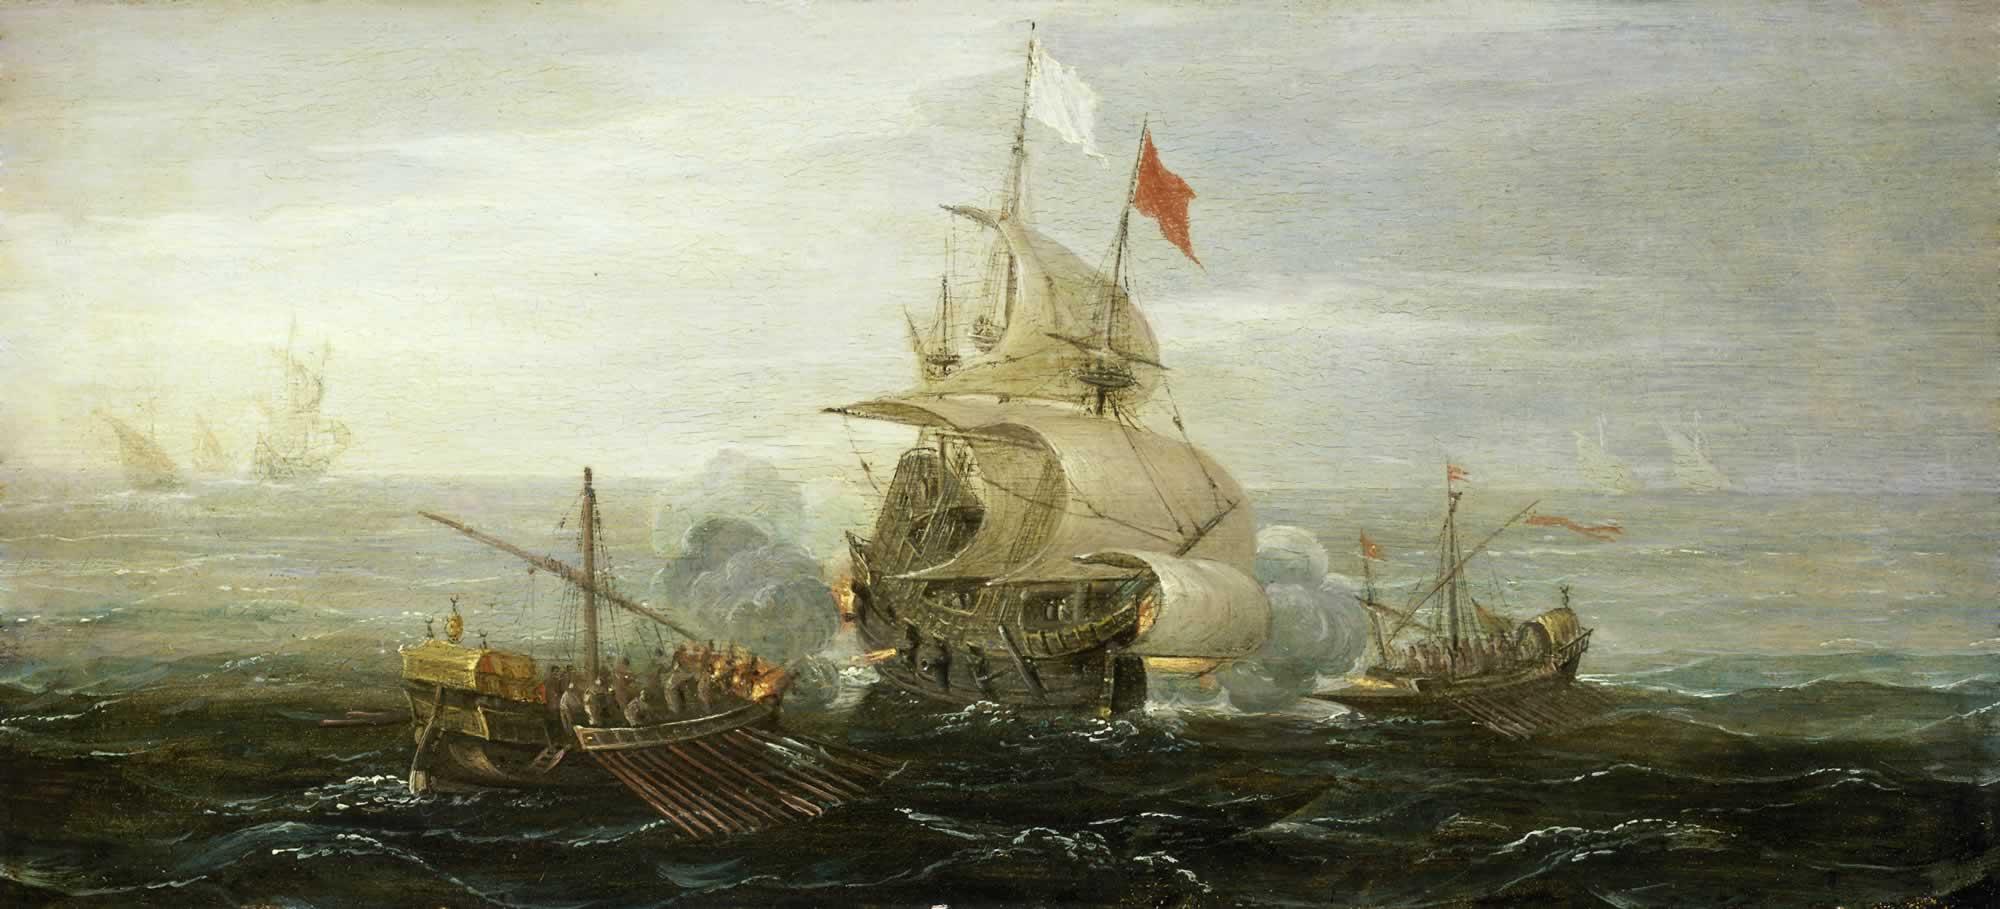 Piratas Post